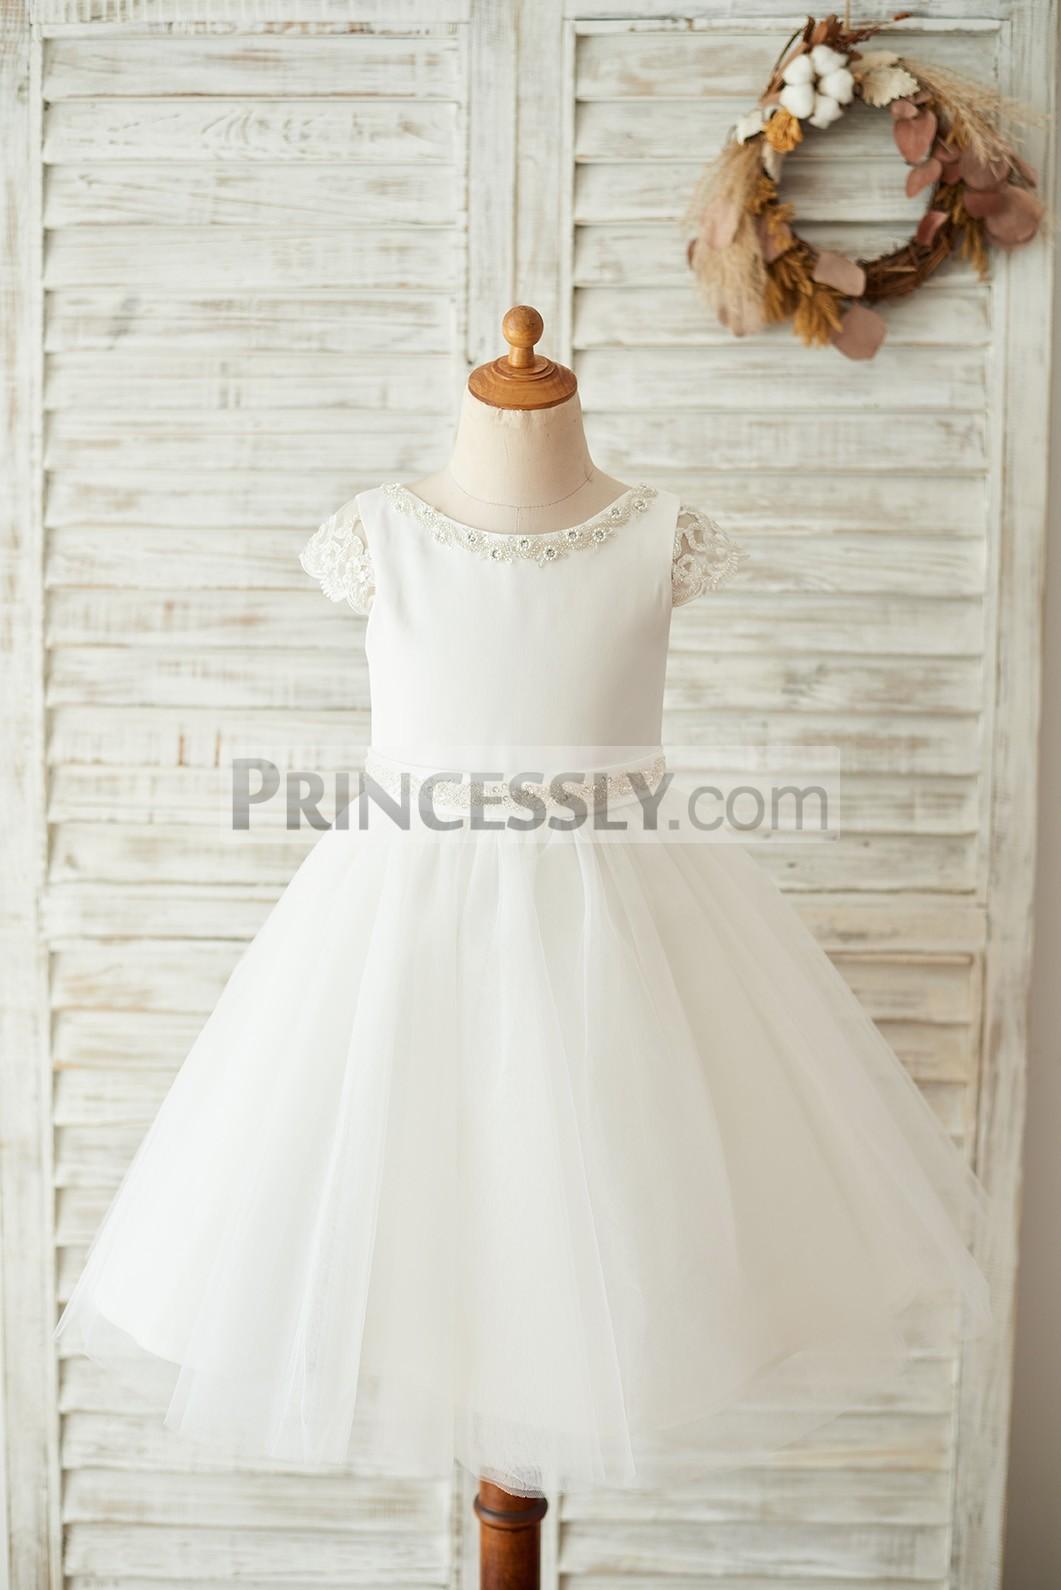 Ivory satin tulle wedding flower girl dress